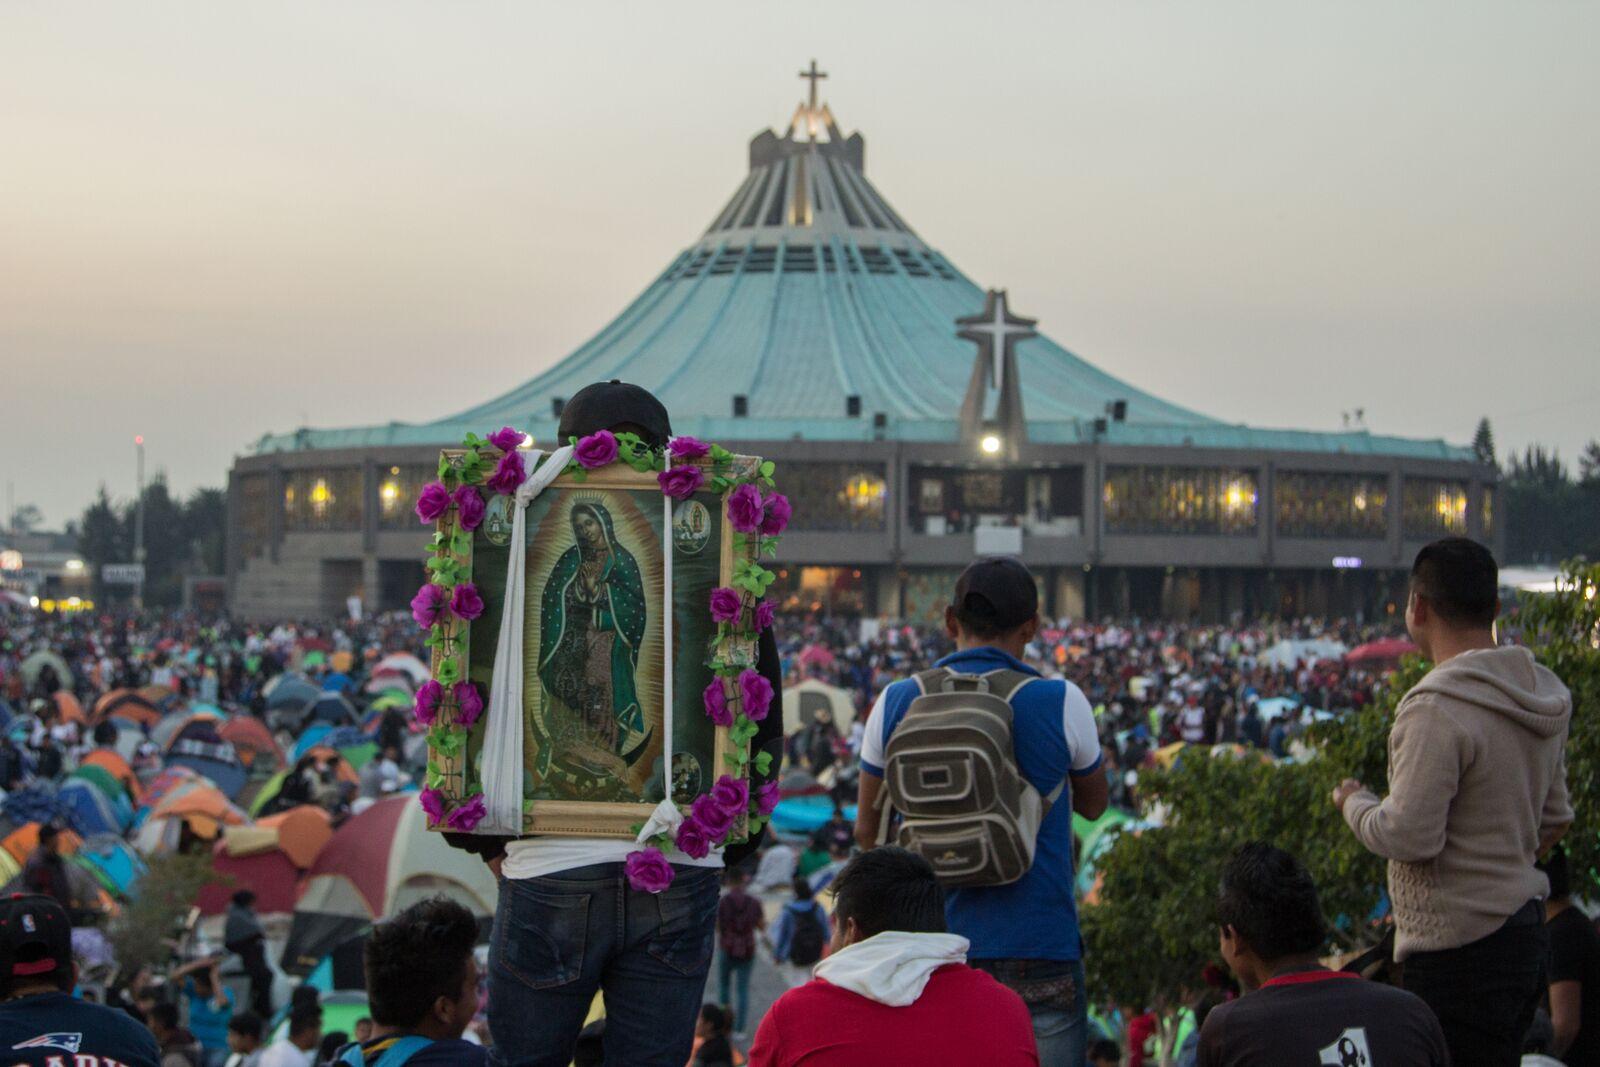 Peregrinación al Santuario de la Virgen de Guadalupe © María Langarica